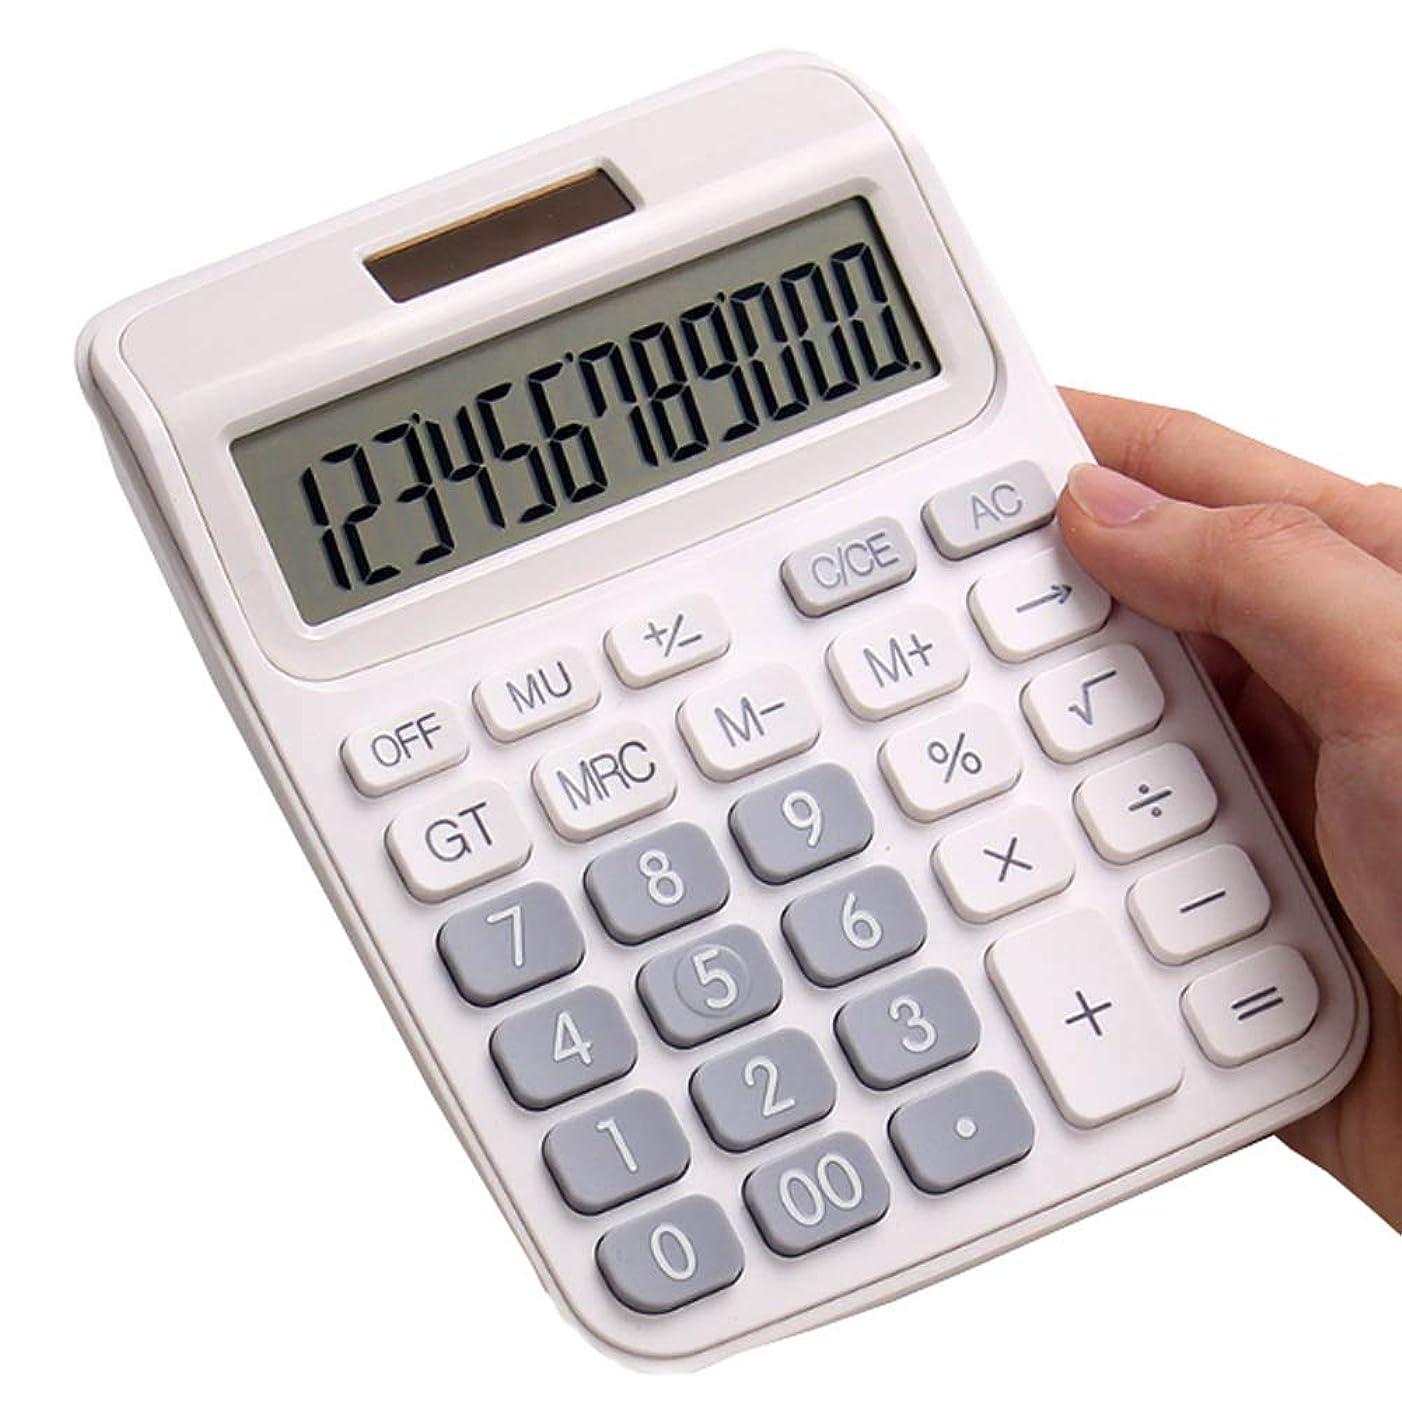 著名なウェーハレイ双方向電源を備えた通常の電卓 - 白